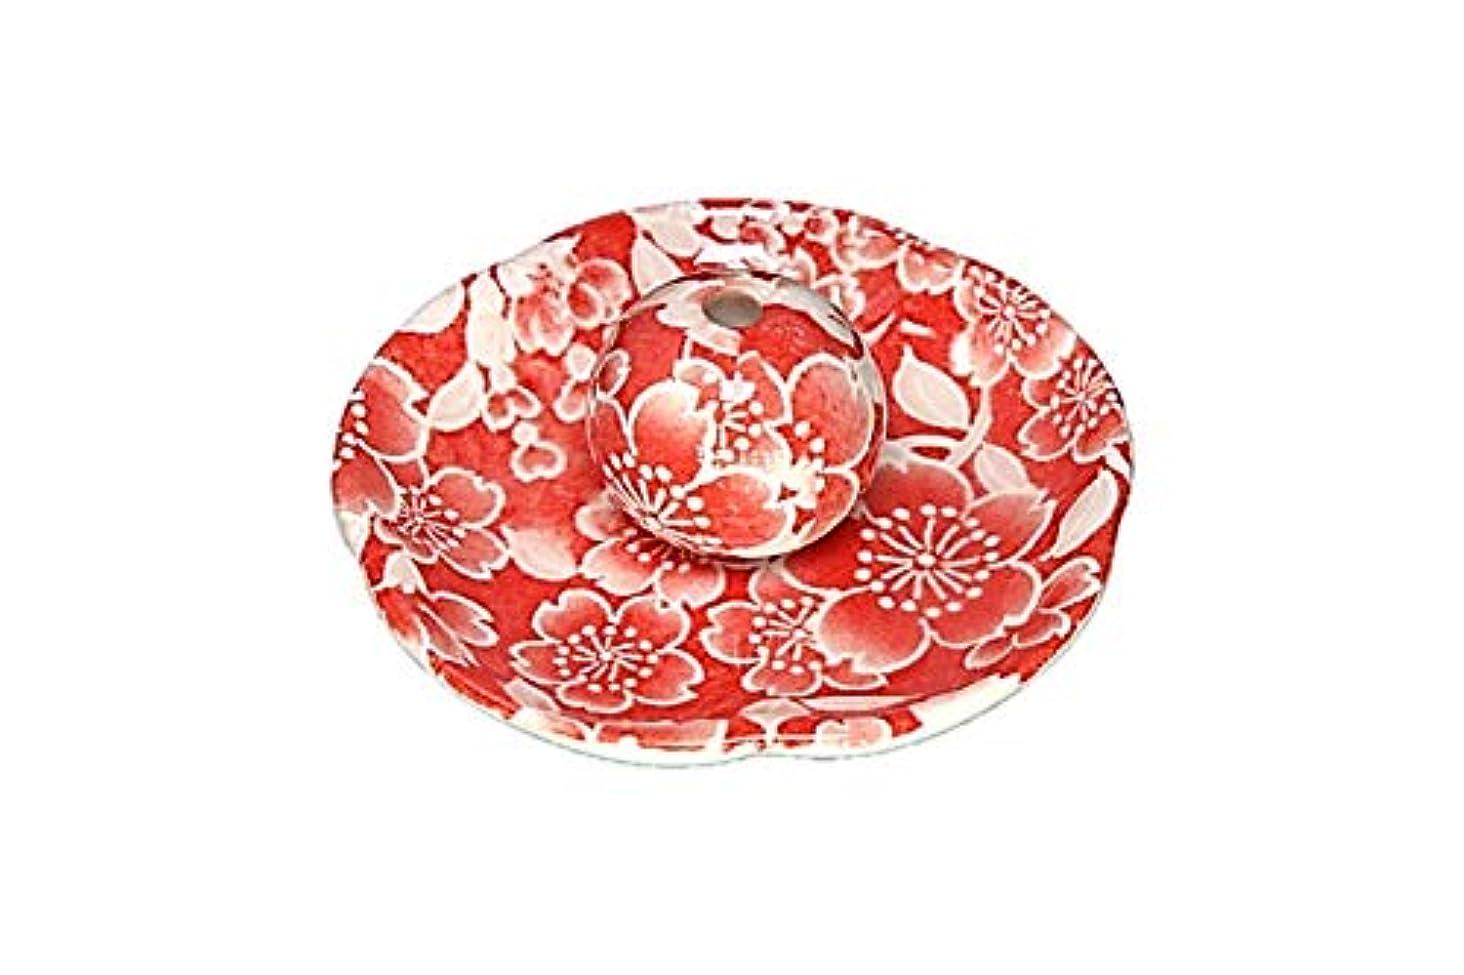 準備するイノセンス買う桜友禅 赤 花形香皿 お香立て お香たて 日本製 ACSWEBSHOPオリジナル